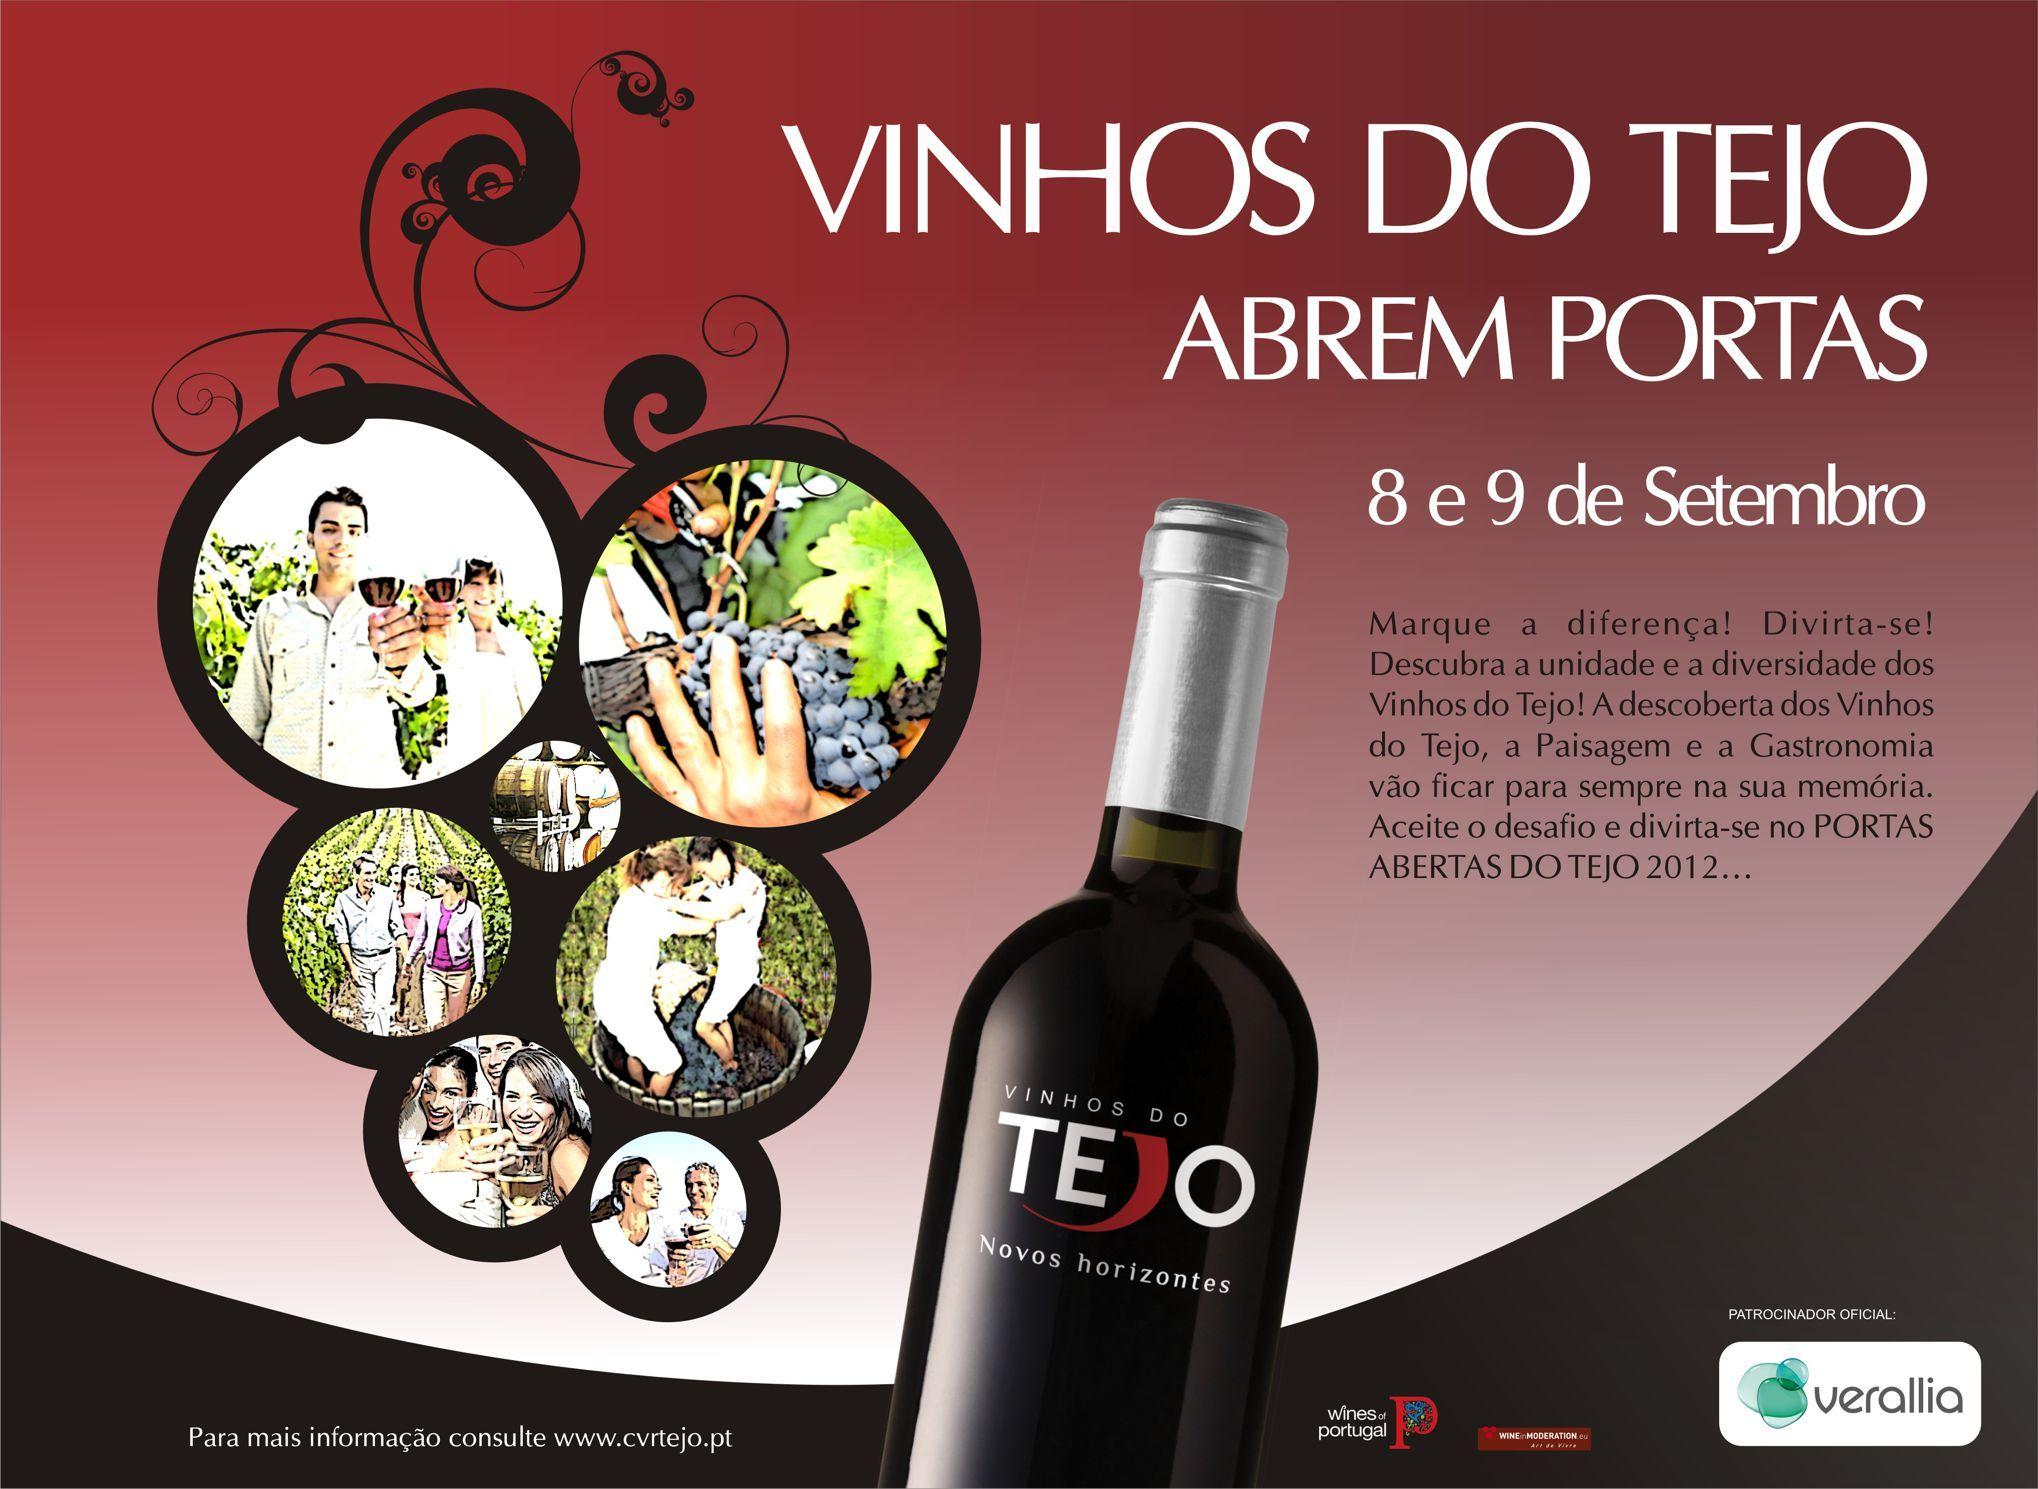 Portas Abertas Do Tejo 2012 8 E 9 De Setembro Via Vinhos Do Tejo No Fim De Semana De 8 E 9 De Setembro 20 Produ Provas De Vinhos Vinhos Vinhos De Portugal